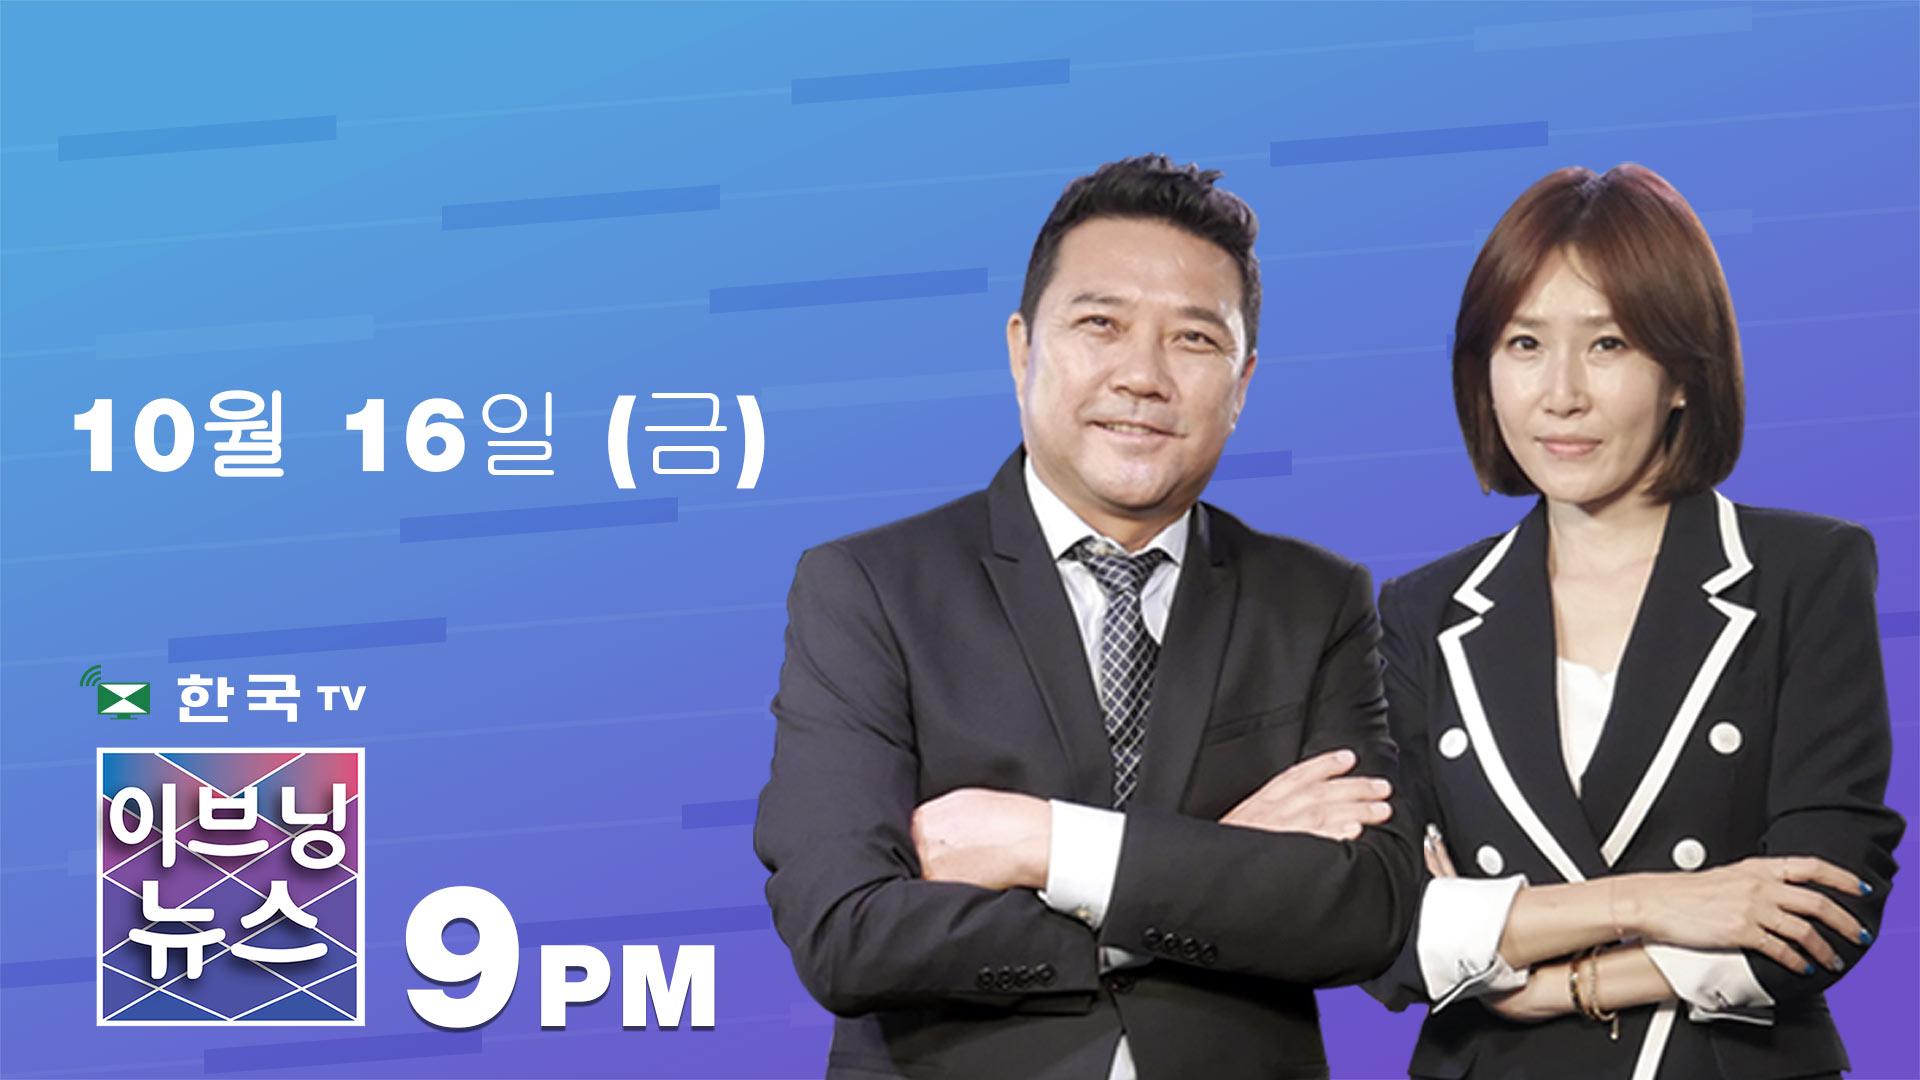 (10.16.2020) 한국TV 이브닝 뉴스